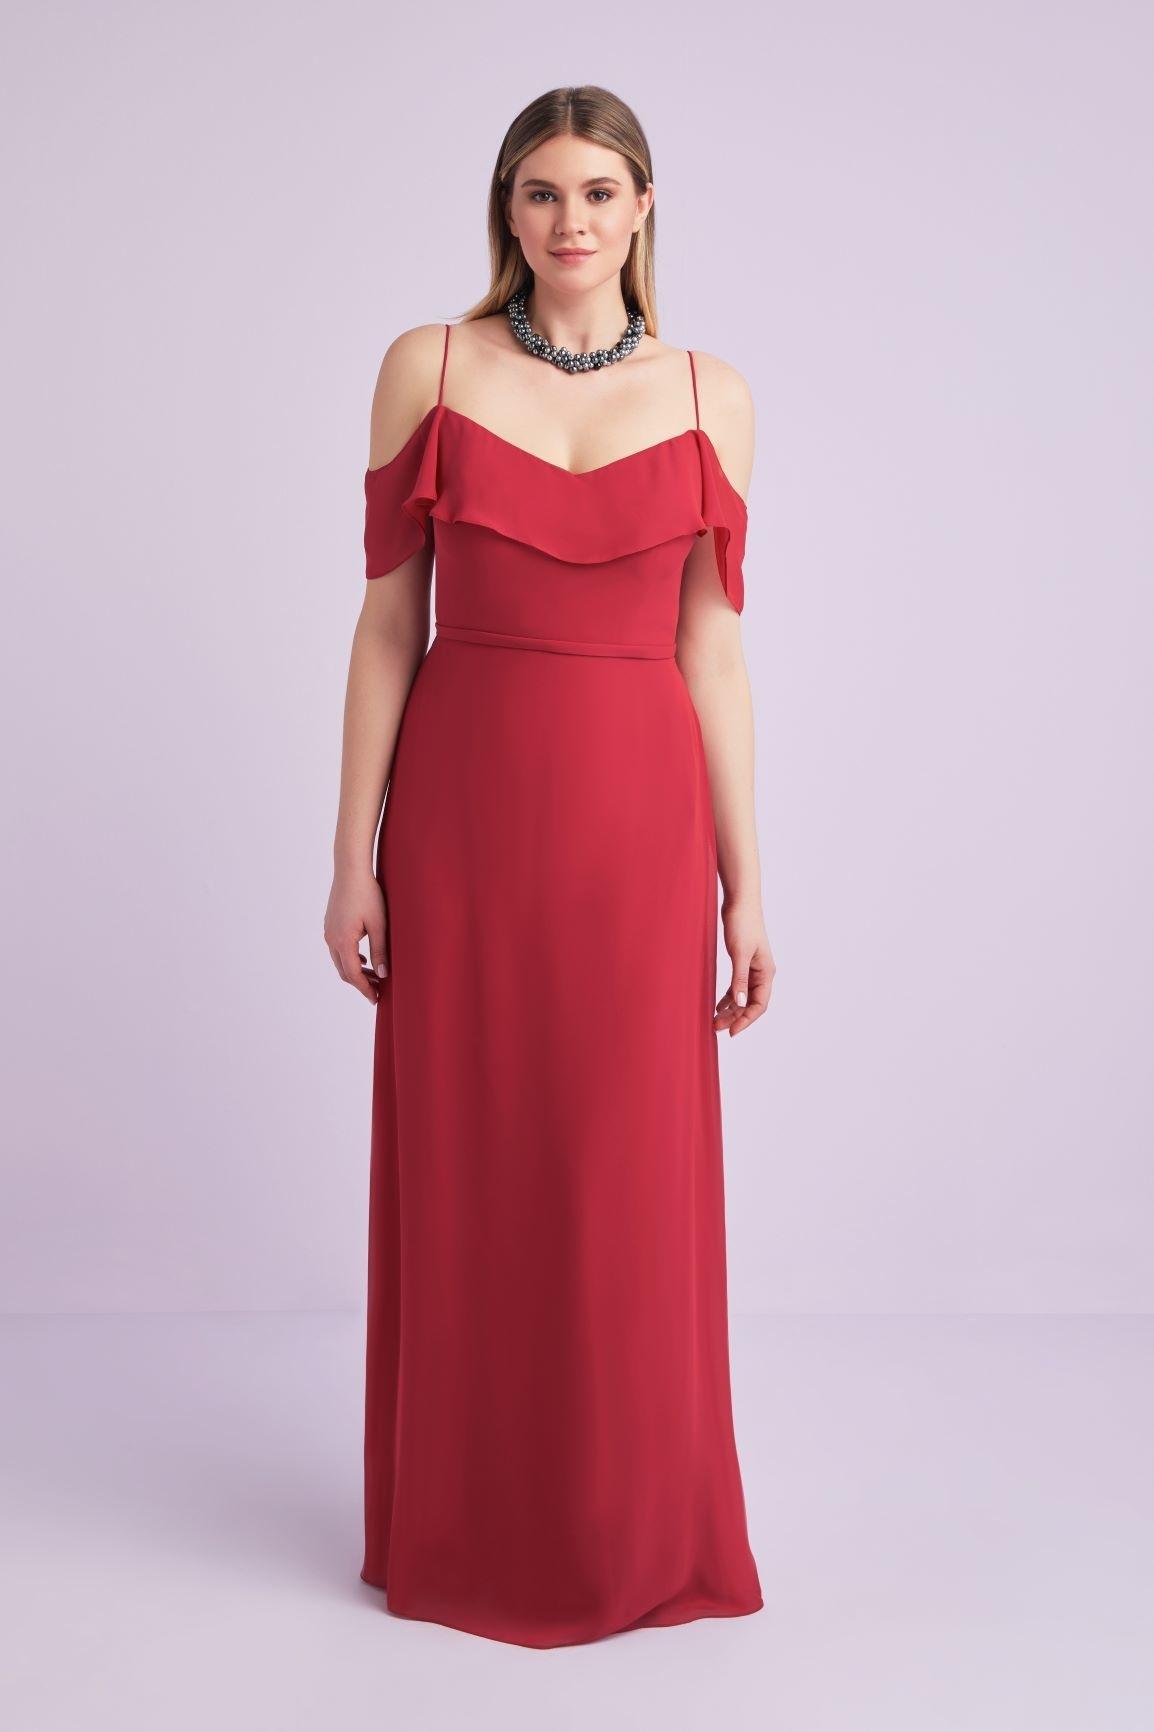 Kırmızı Askılı Düşük Kol Şifon Uzun Büyük Beden Abiye - Thumbnail